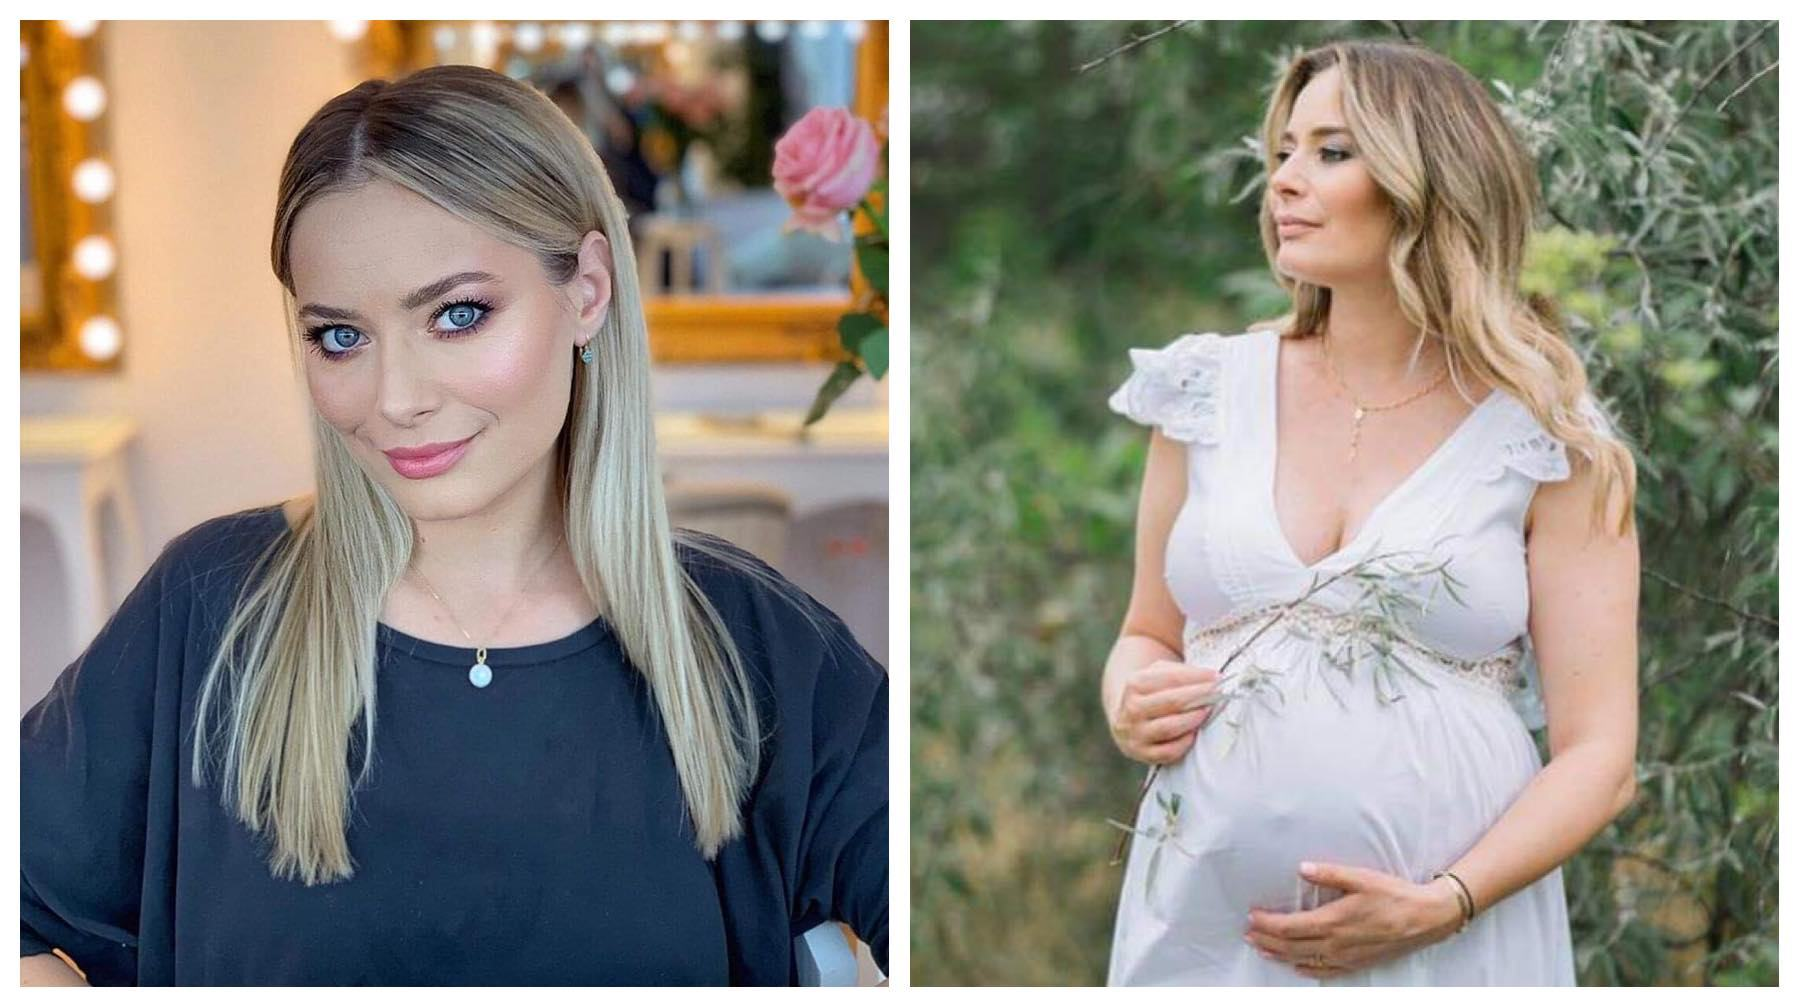 Laura Cosoi nu cheltuie multi bani pentru hainele fetitei sale